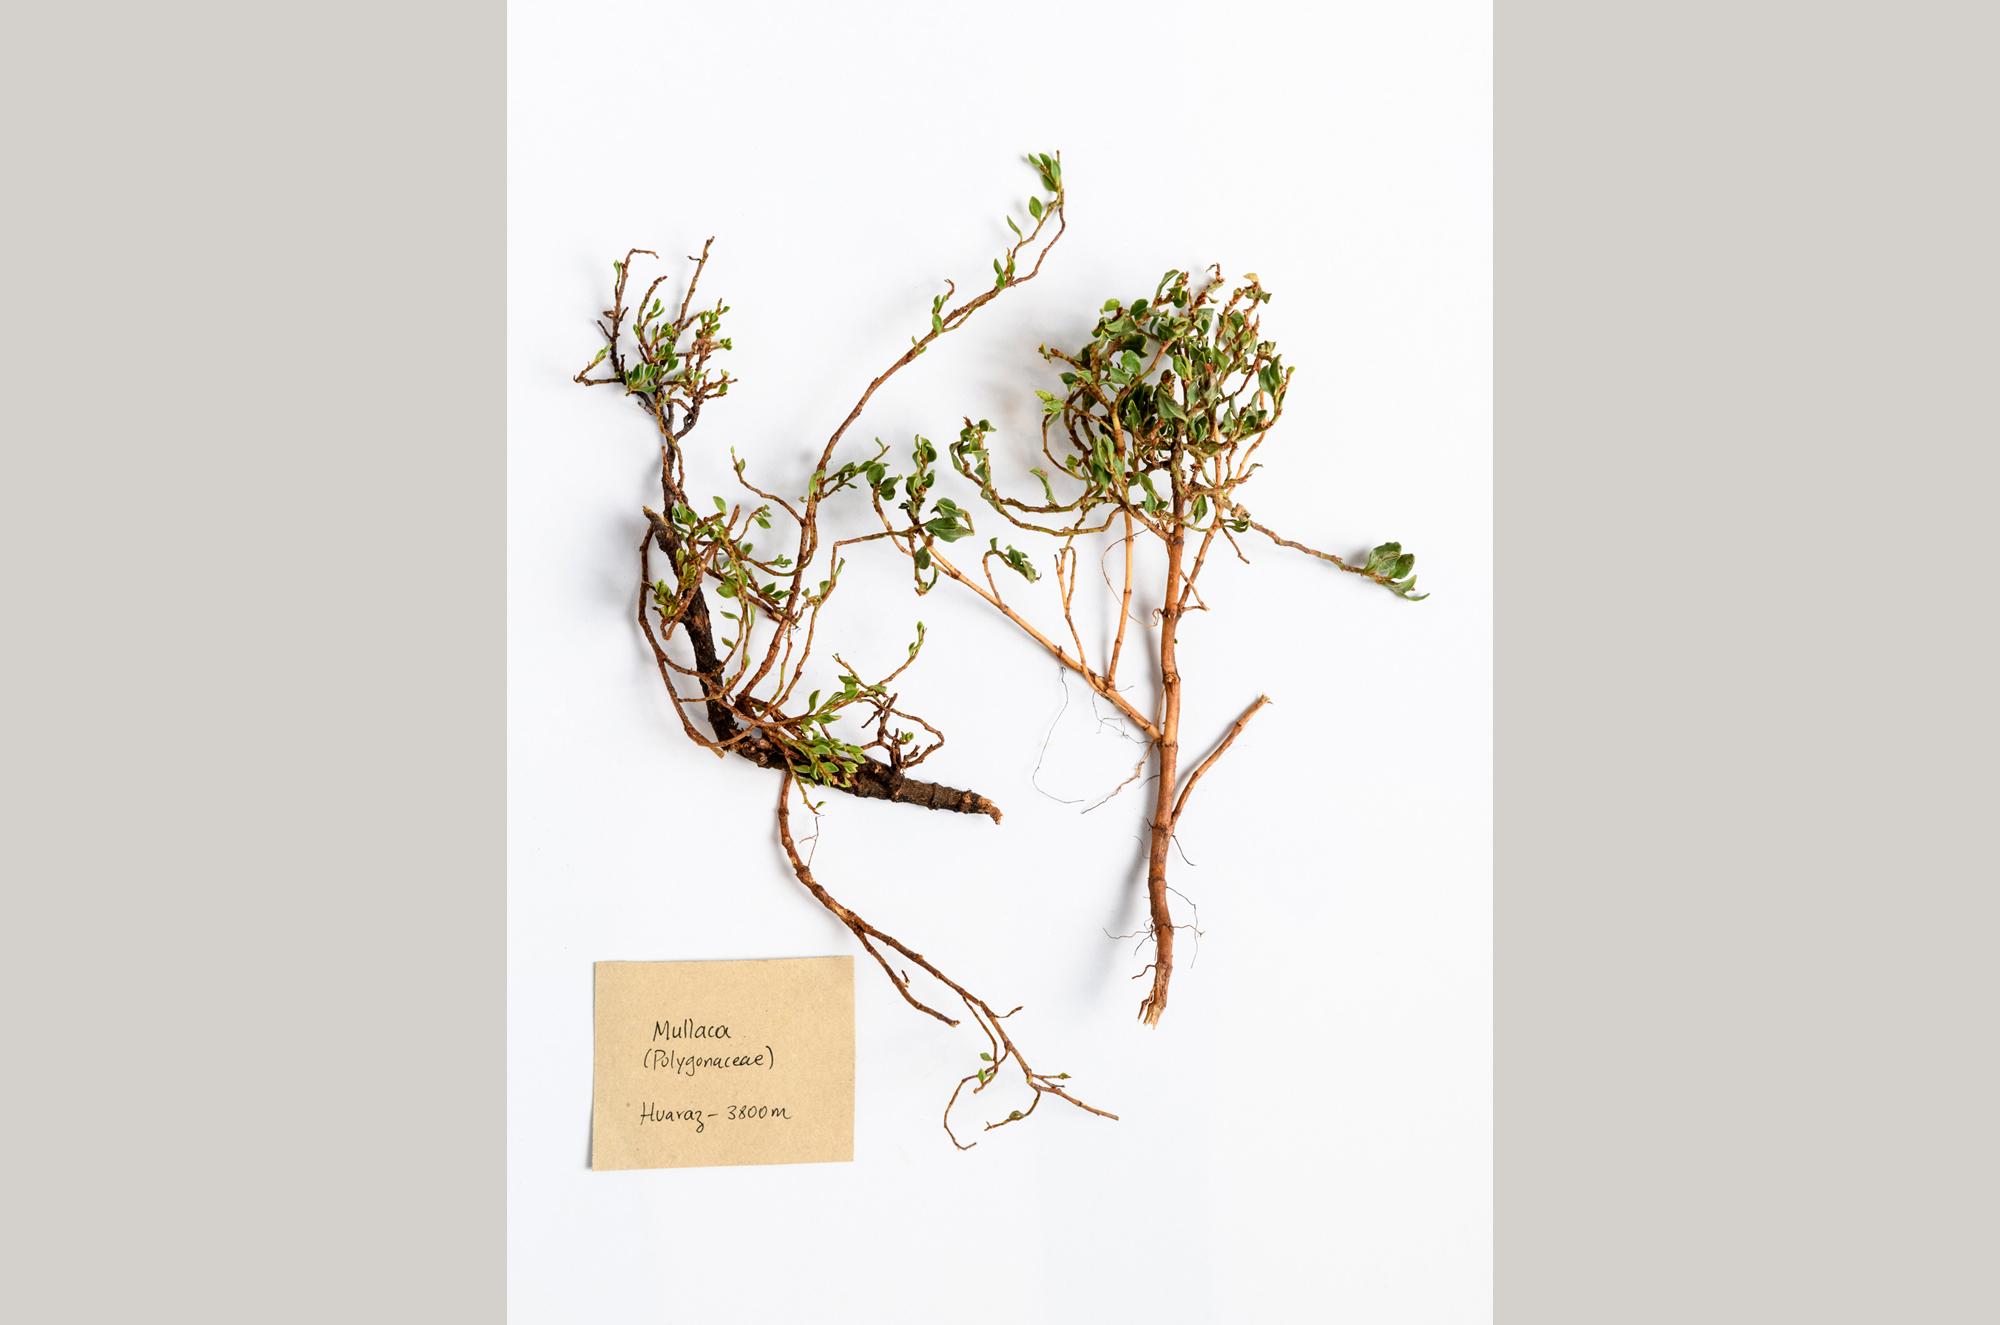 muestrario-plantas-1